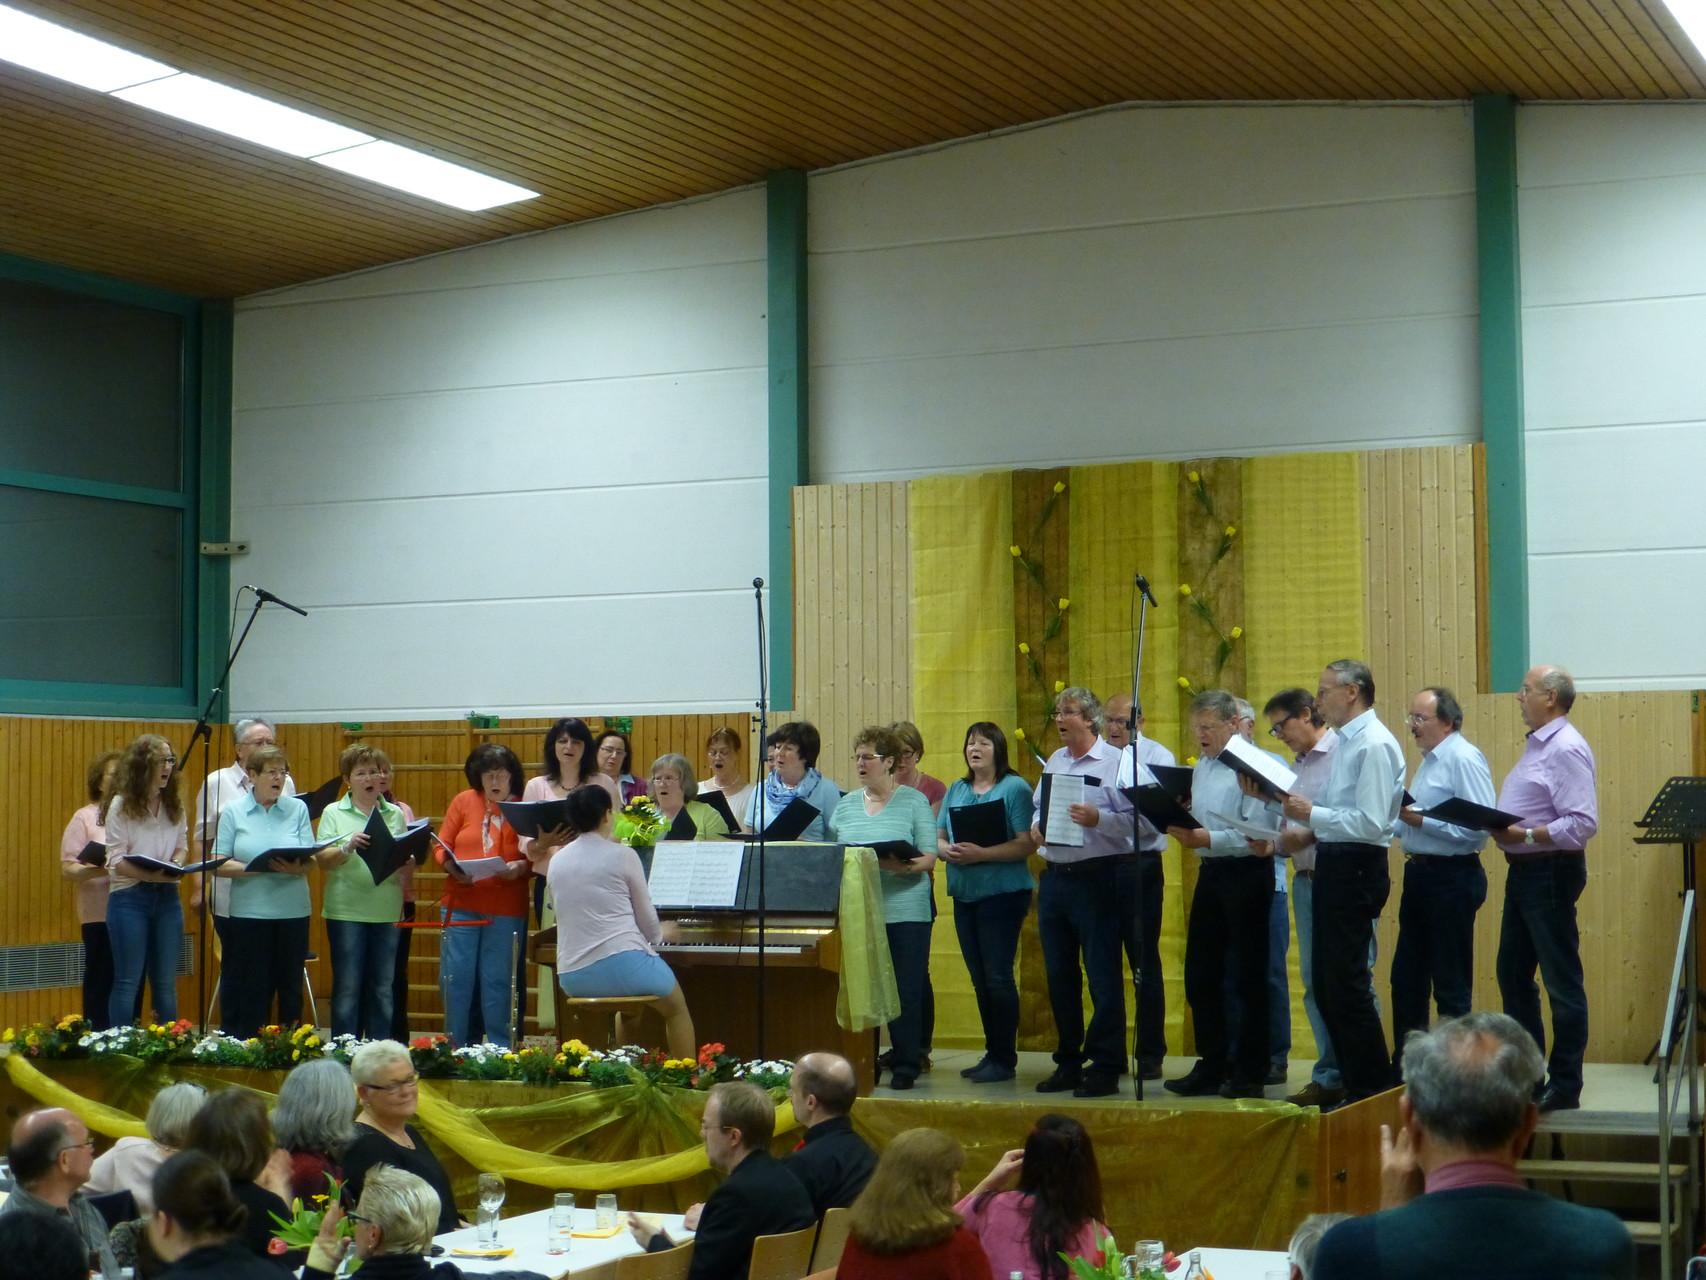 Chorgemeinschaft Waldrennach